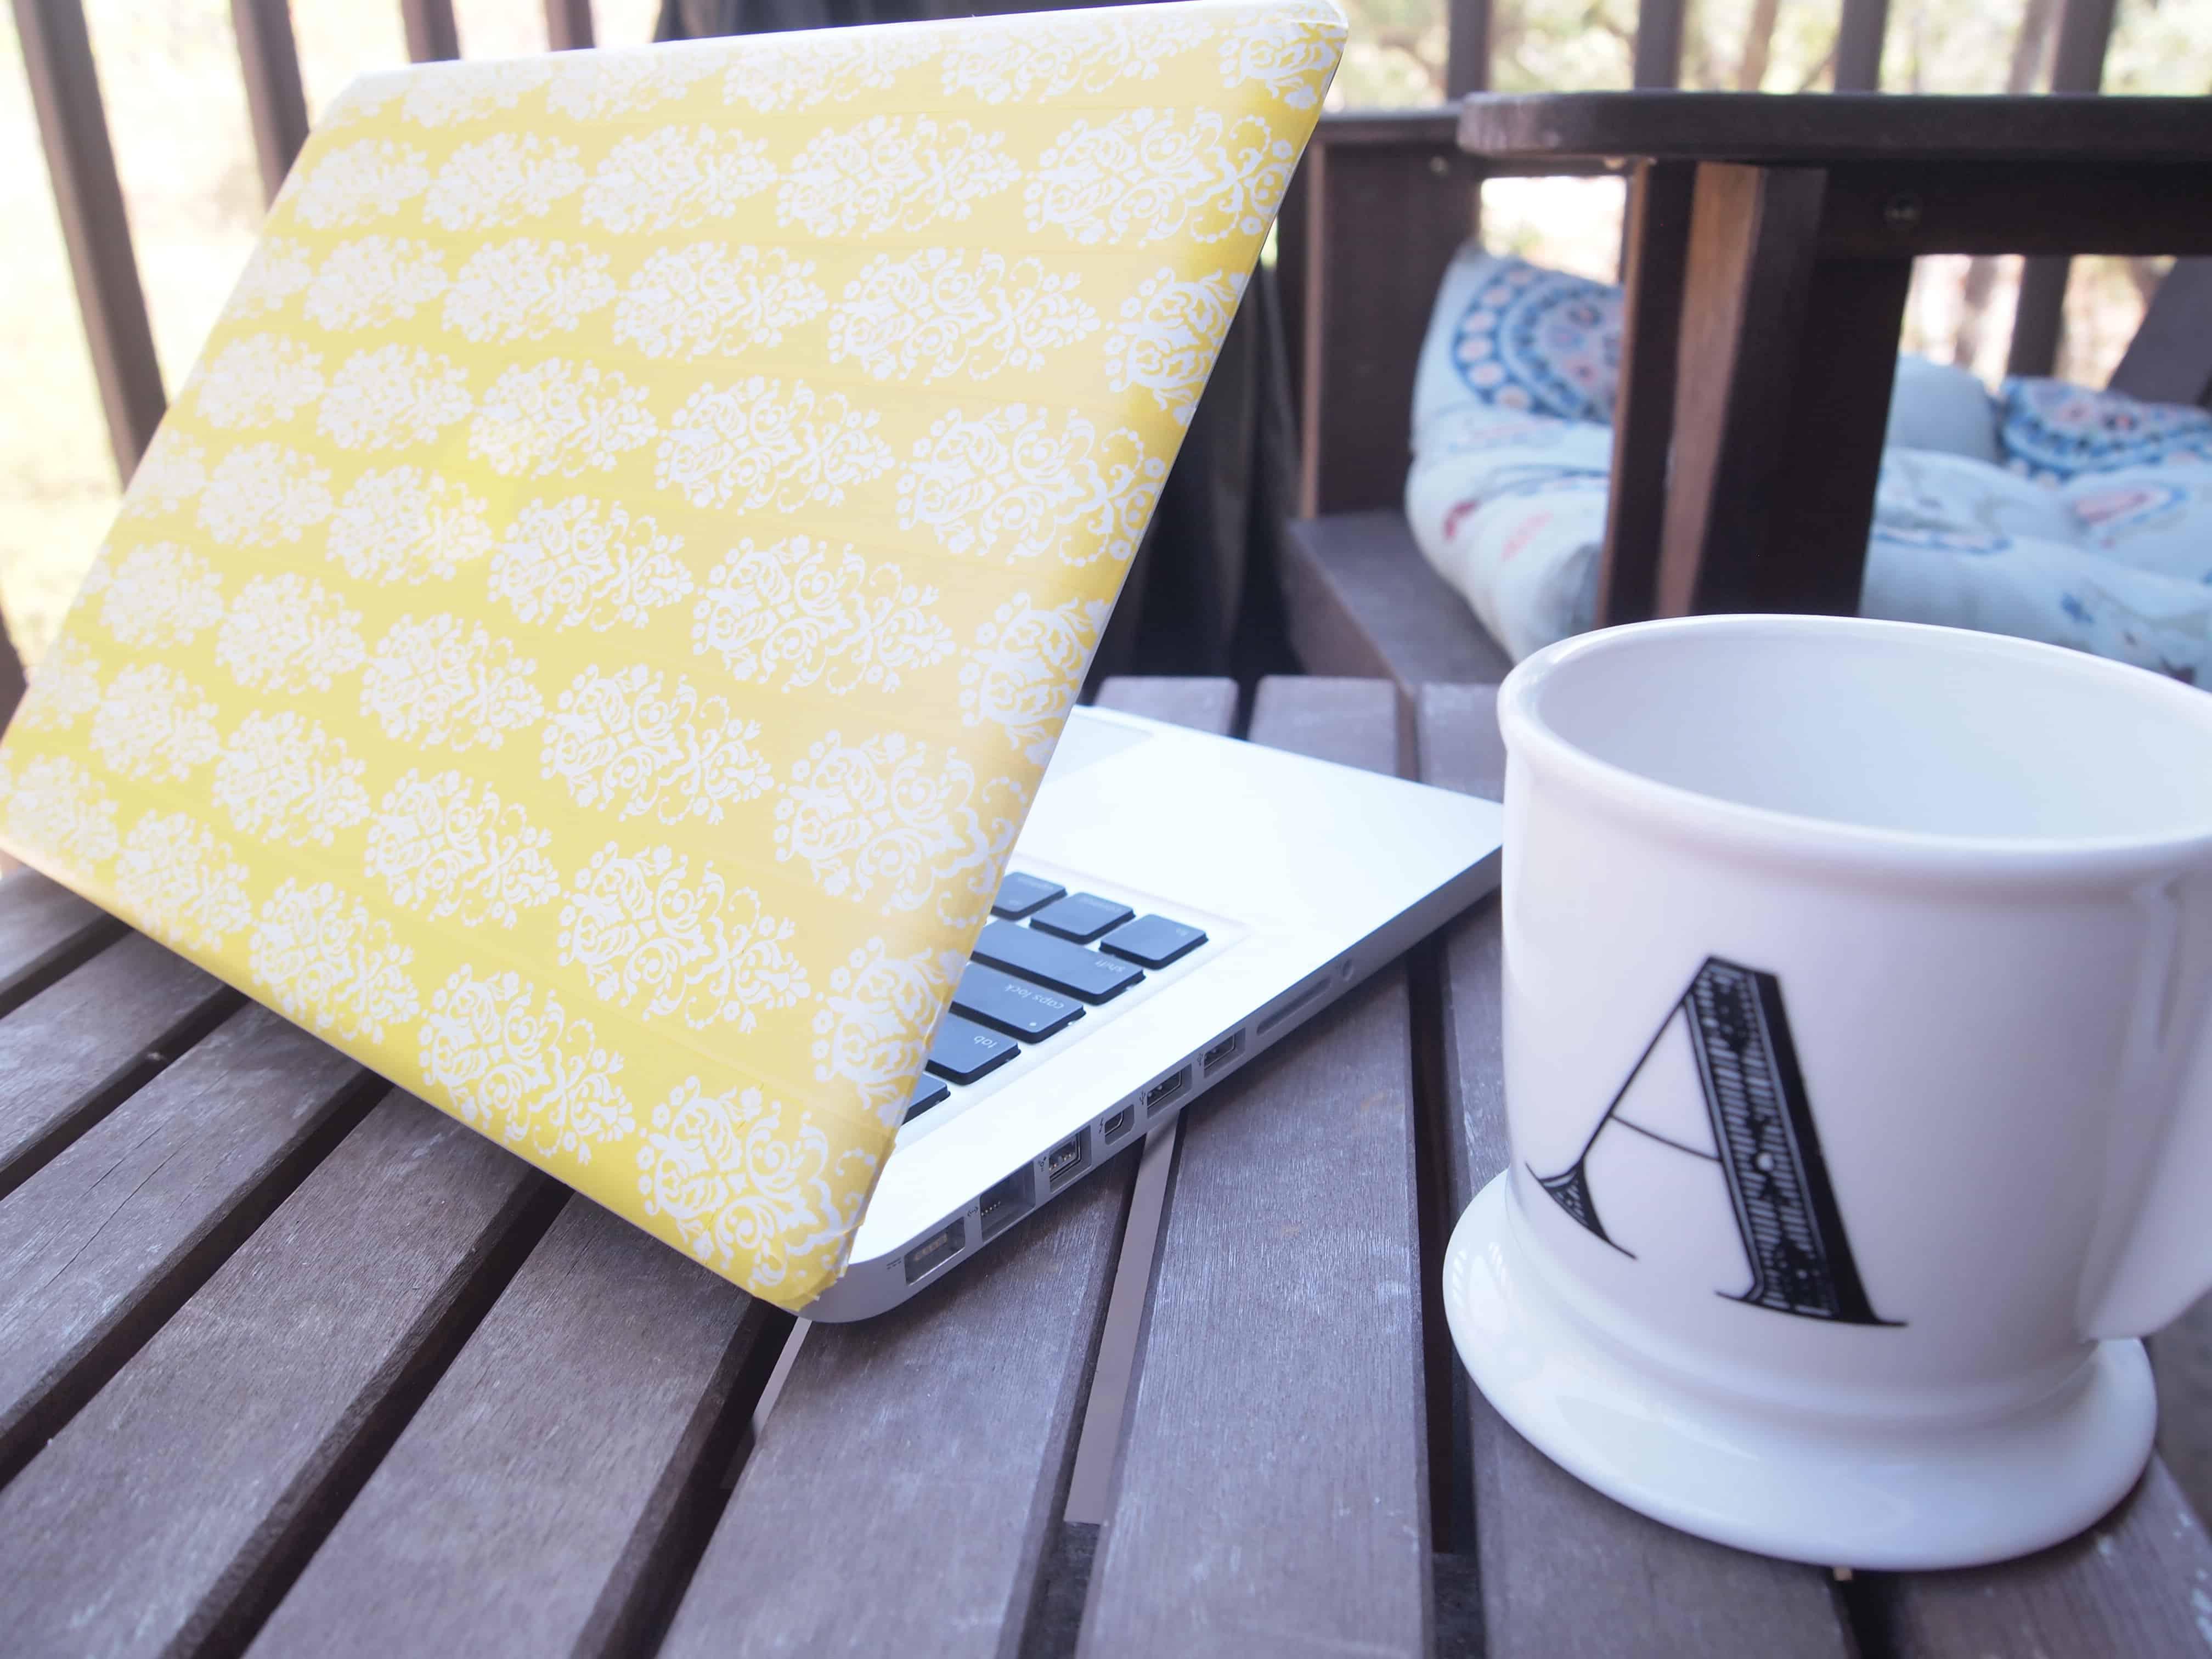 Washi tape laptop